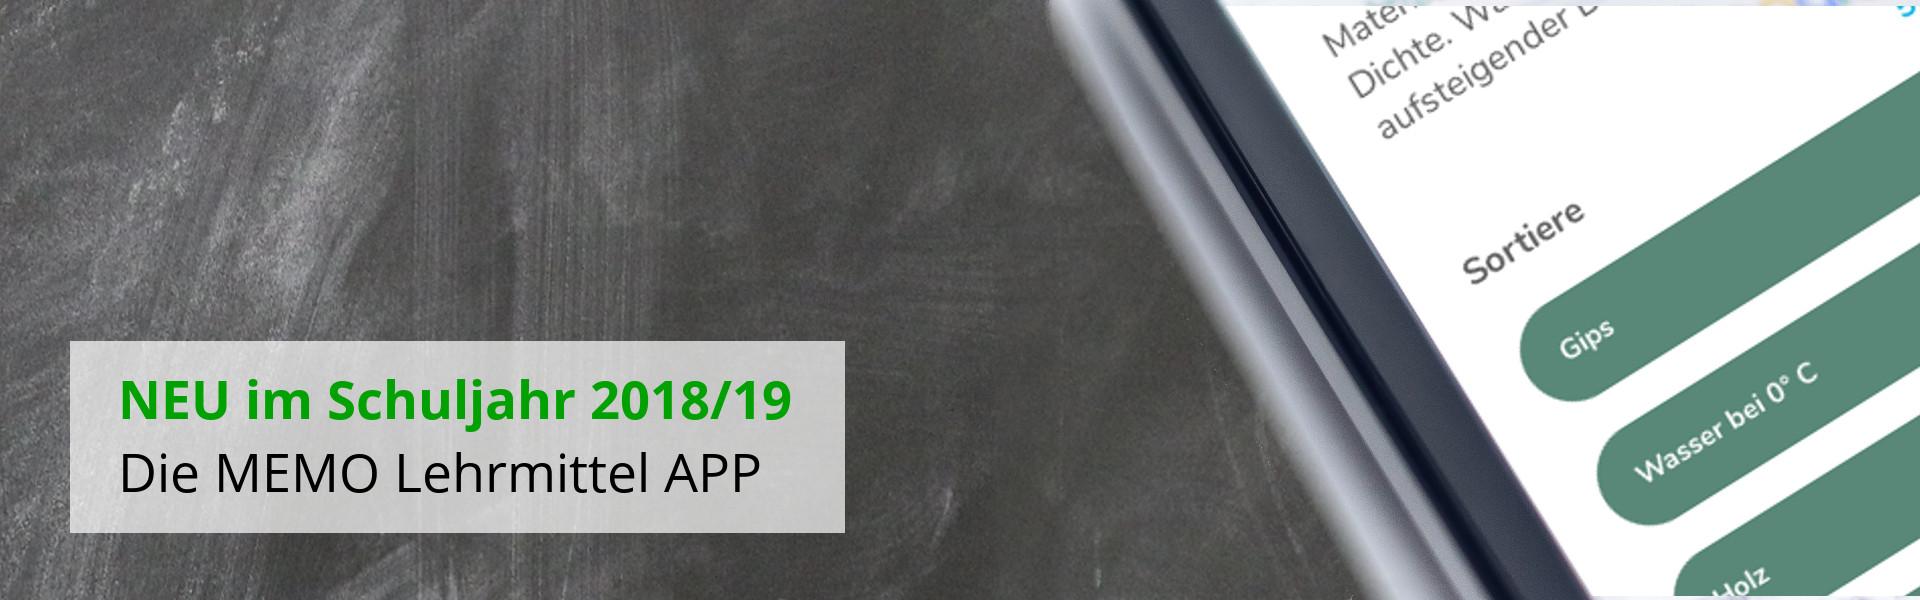 MEMO-APP-09-2018